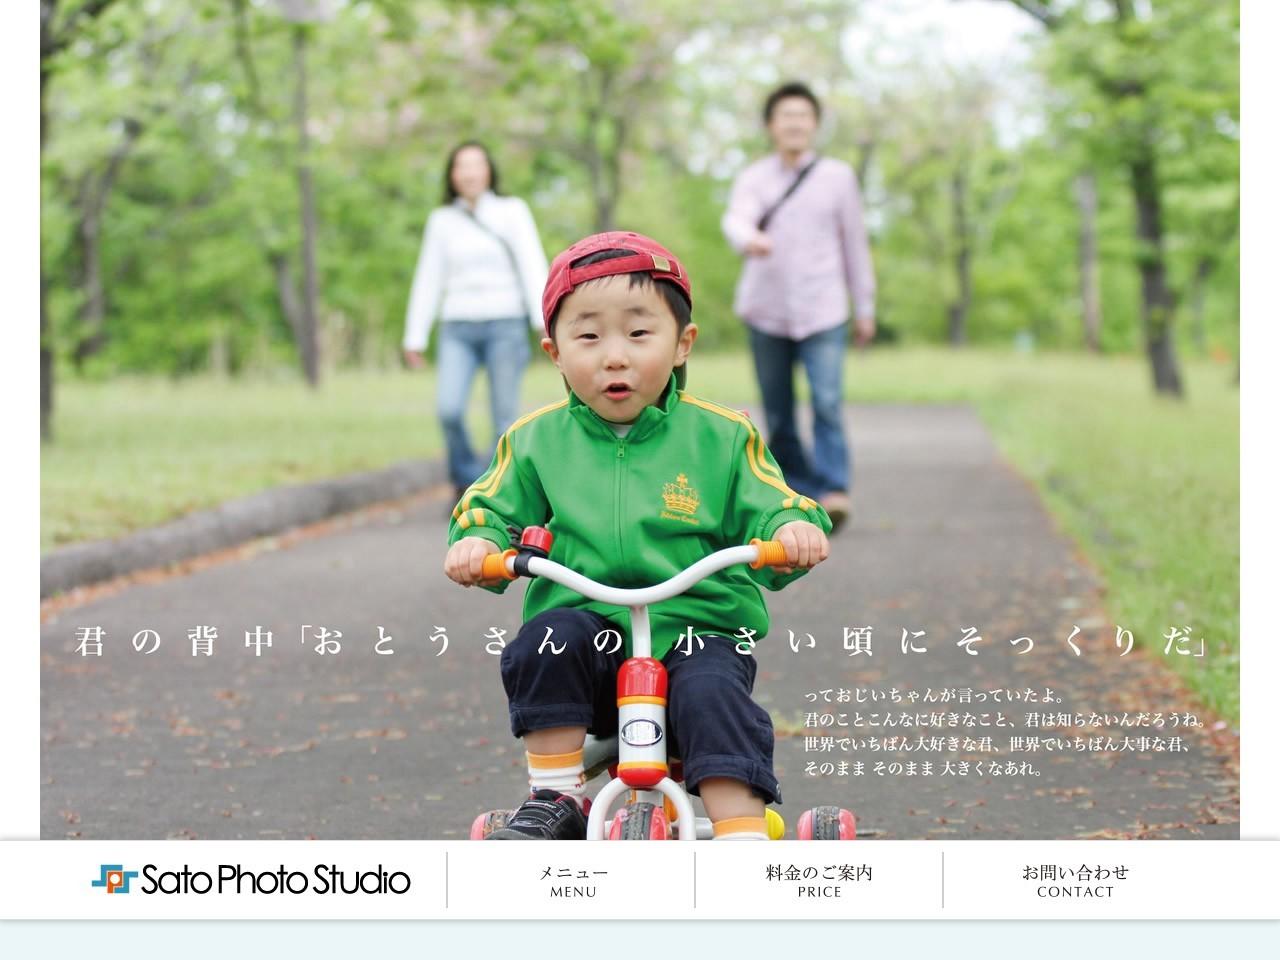 秋田市の写真撮影さとう写真スタジオ - 七五三 卒業式 入学式 成人式 婚礼写真